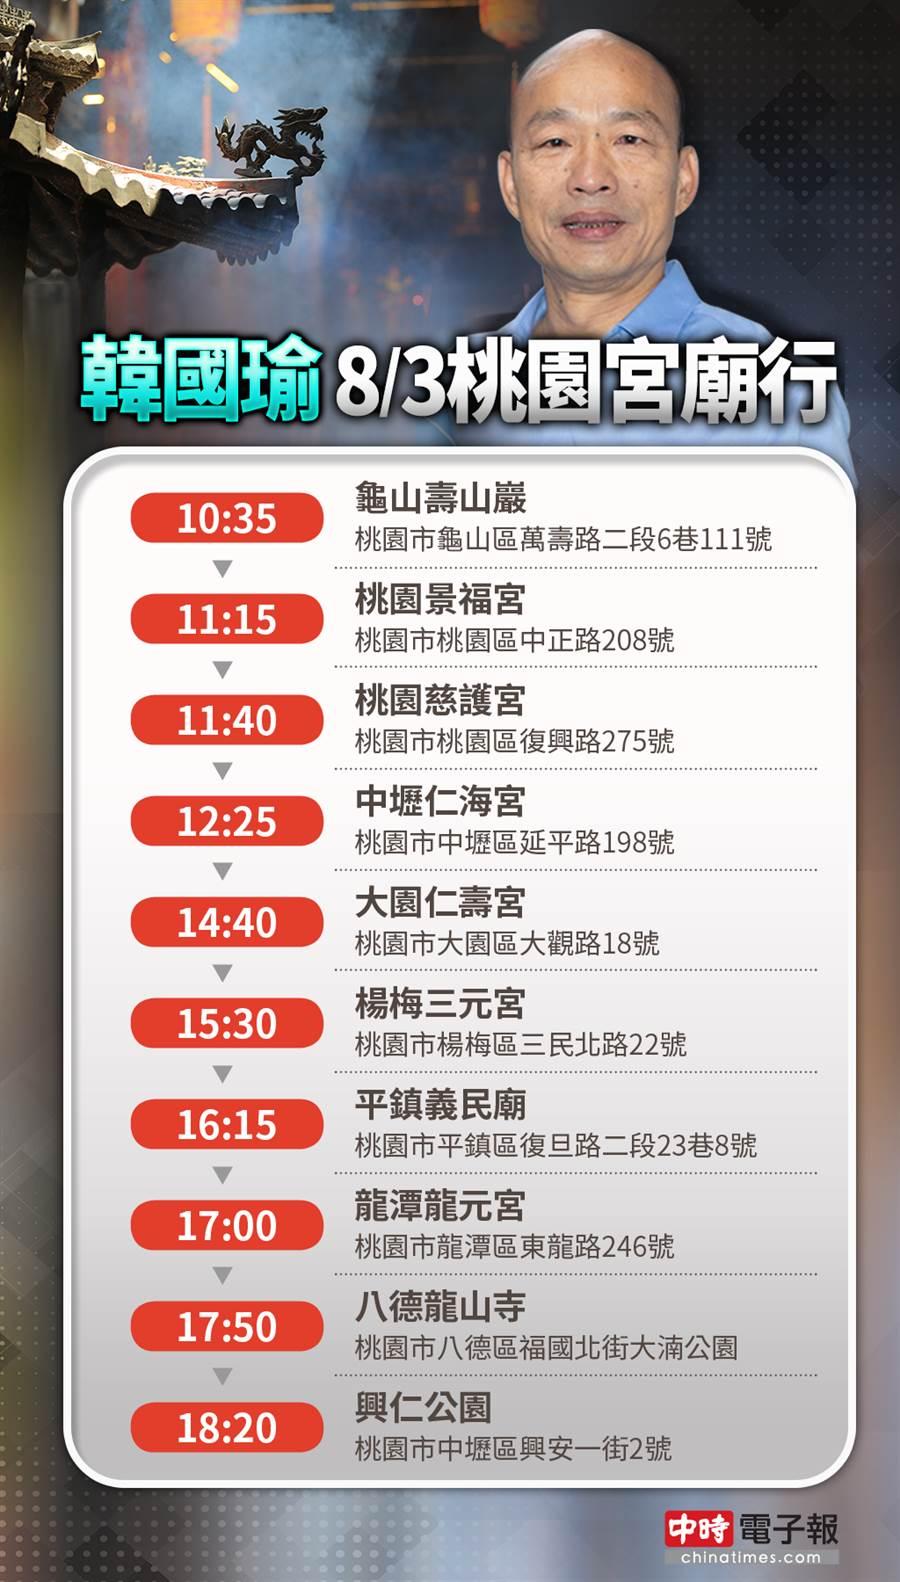 8月3日韓國瑜桃園宮廟行程。(製圖/中時電子報)